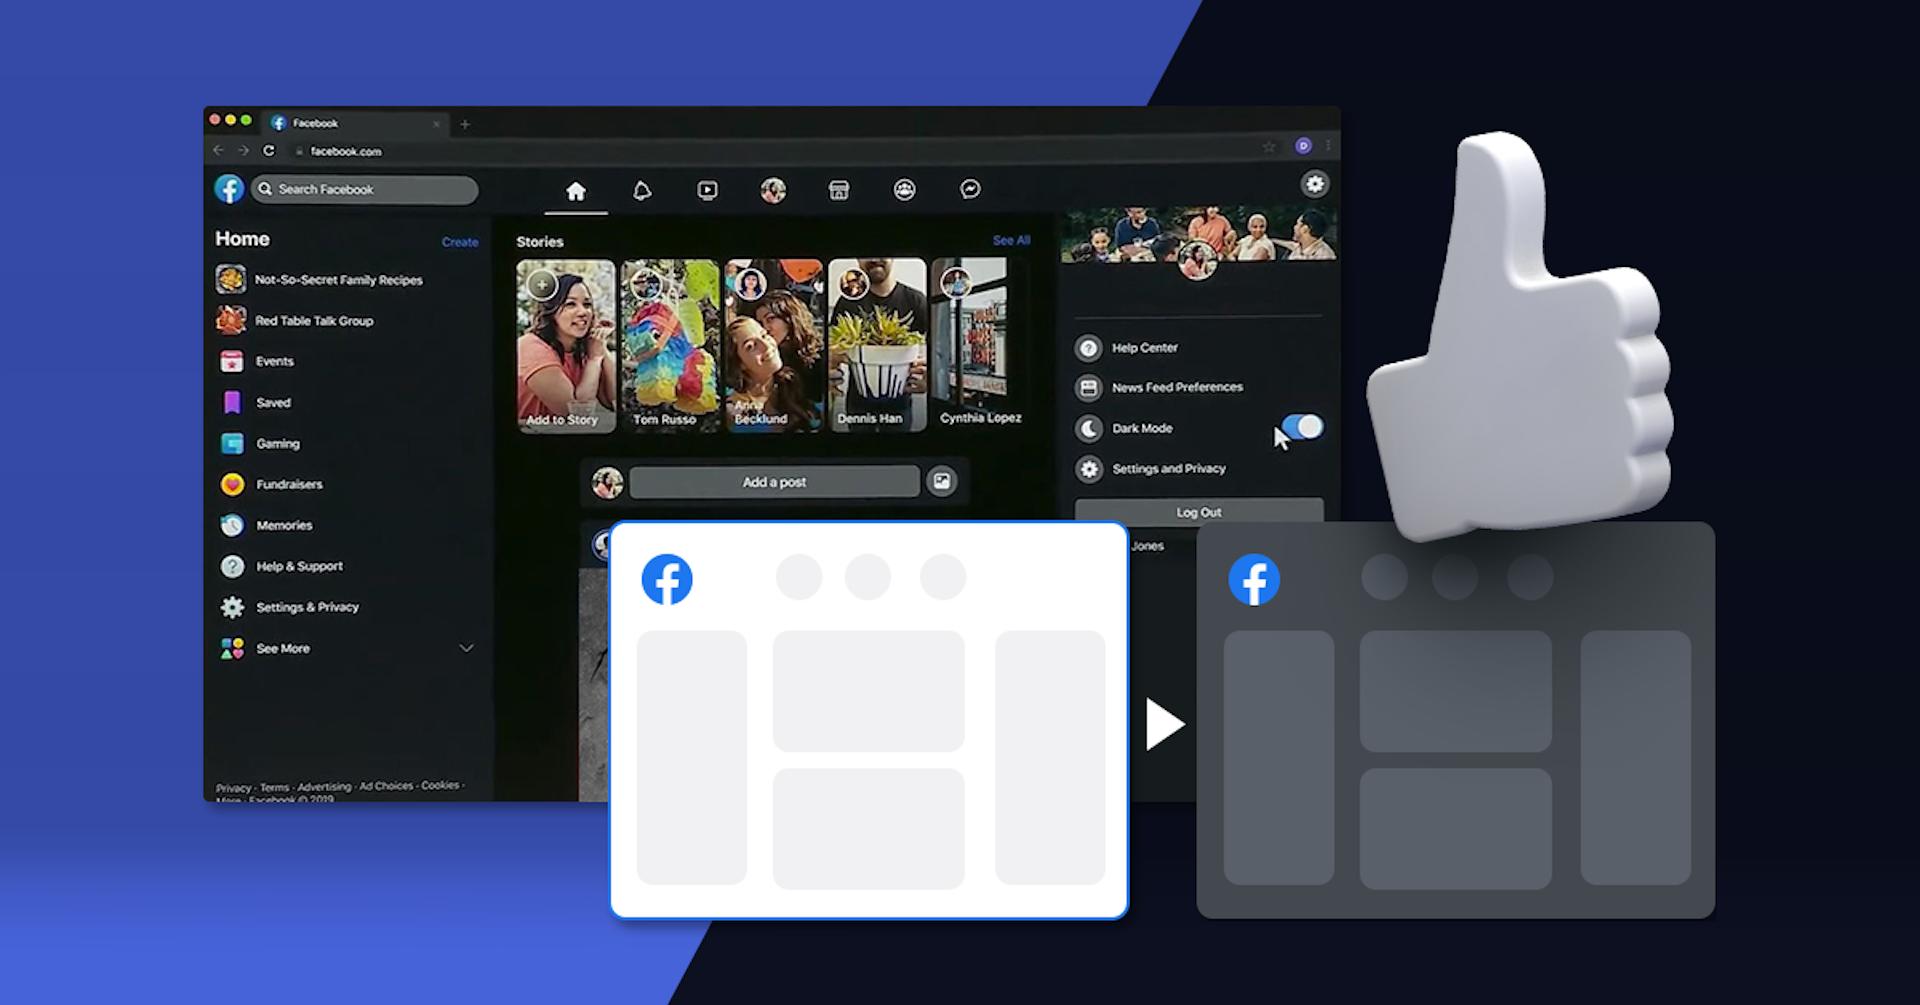 Facebook rediseñará su interfaz y añadirá modo oscuro